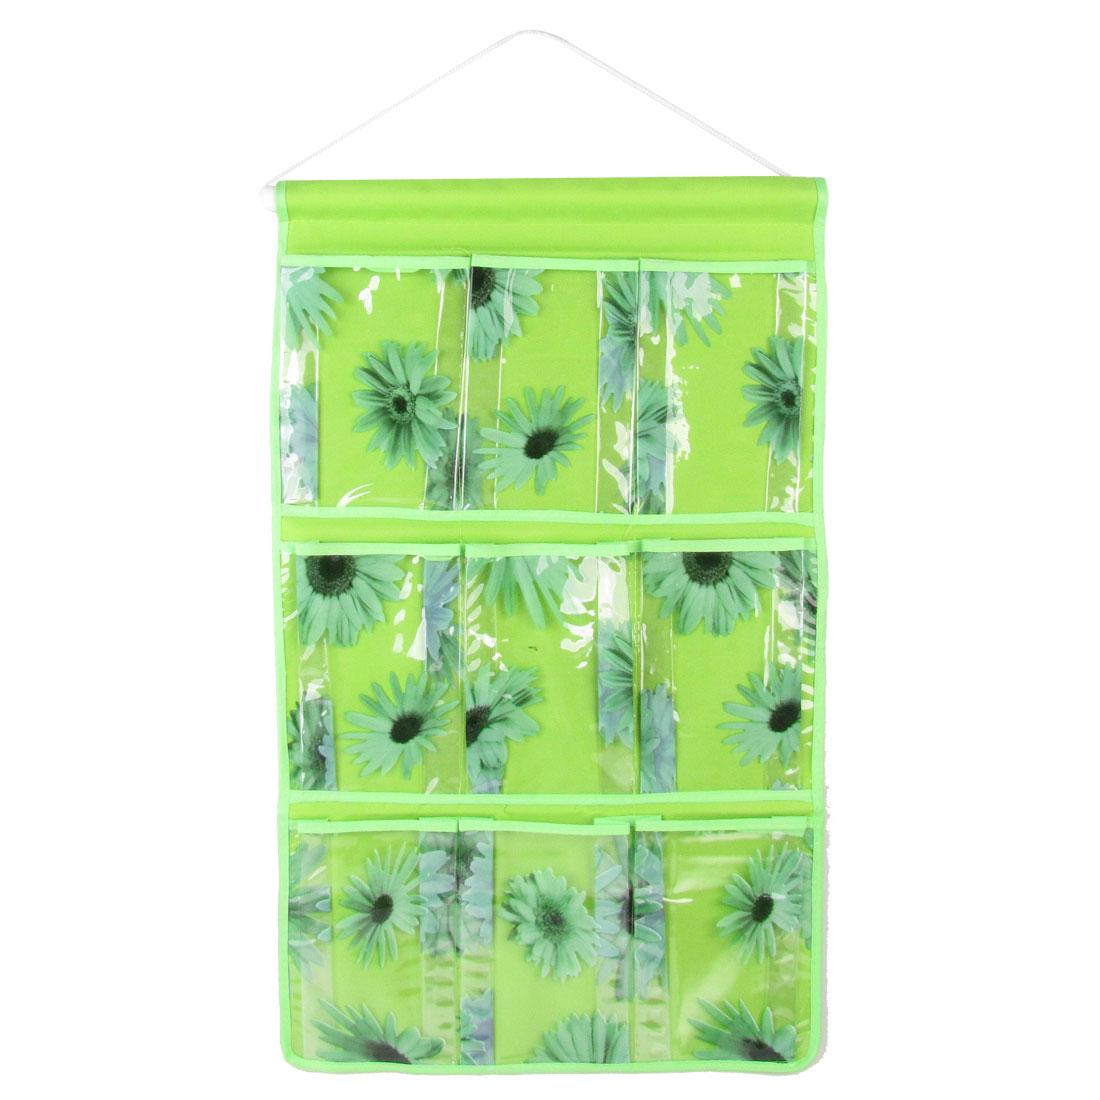 Sunflower Pattern 9 PVC Pockets Organizer Storage Bag Case Green